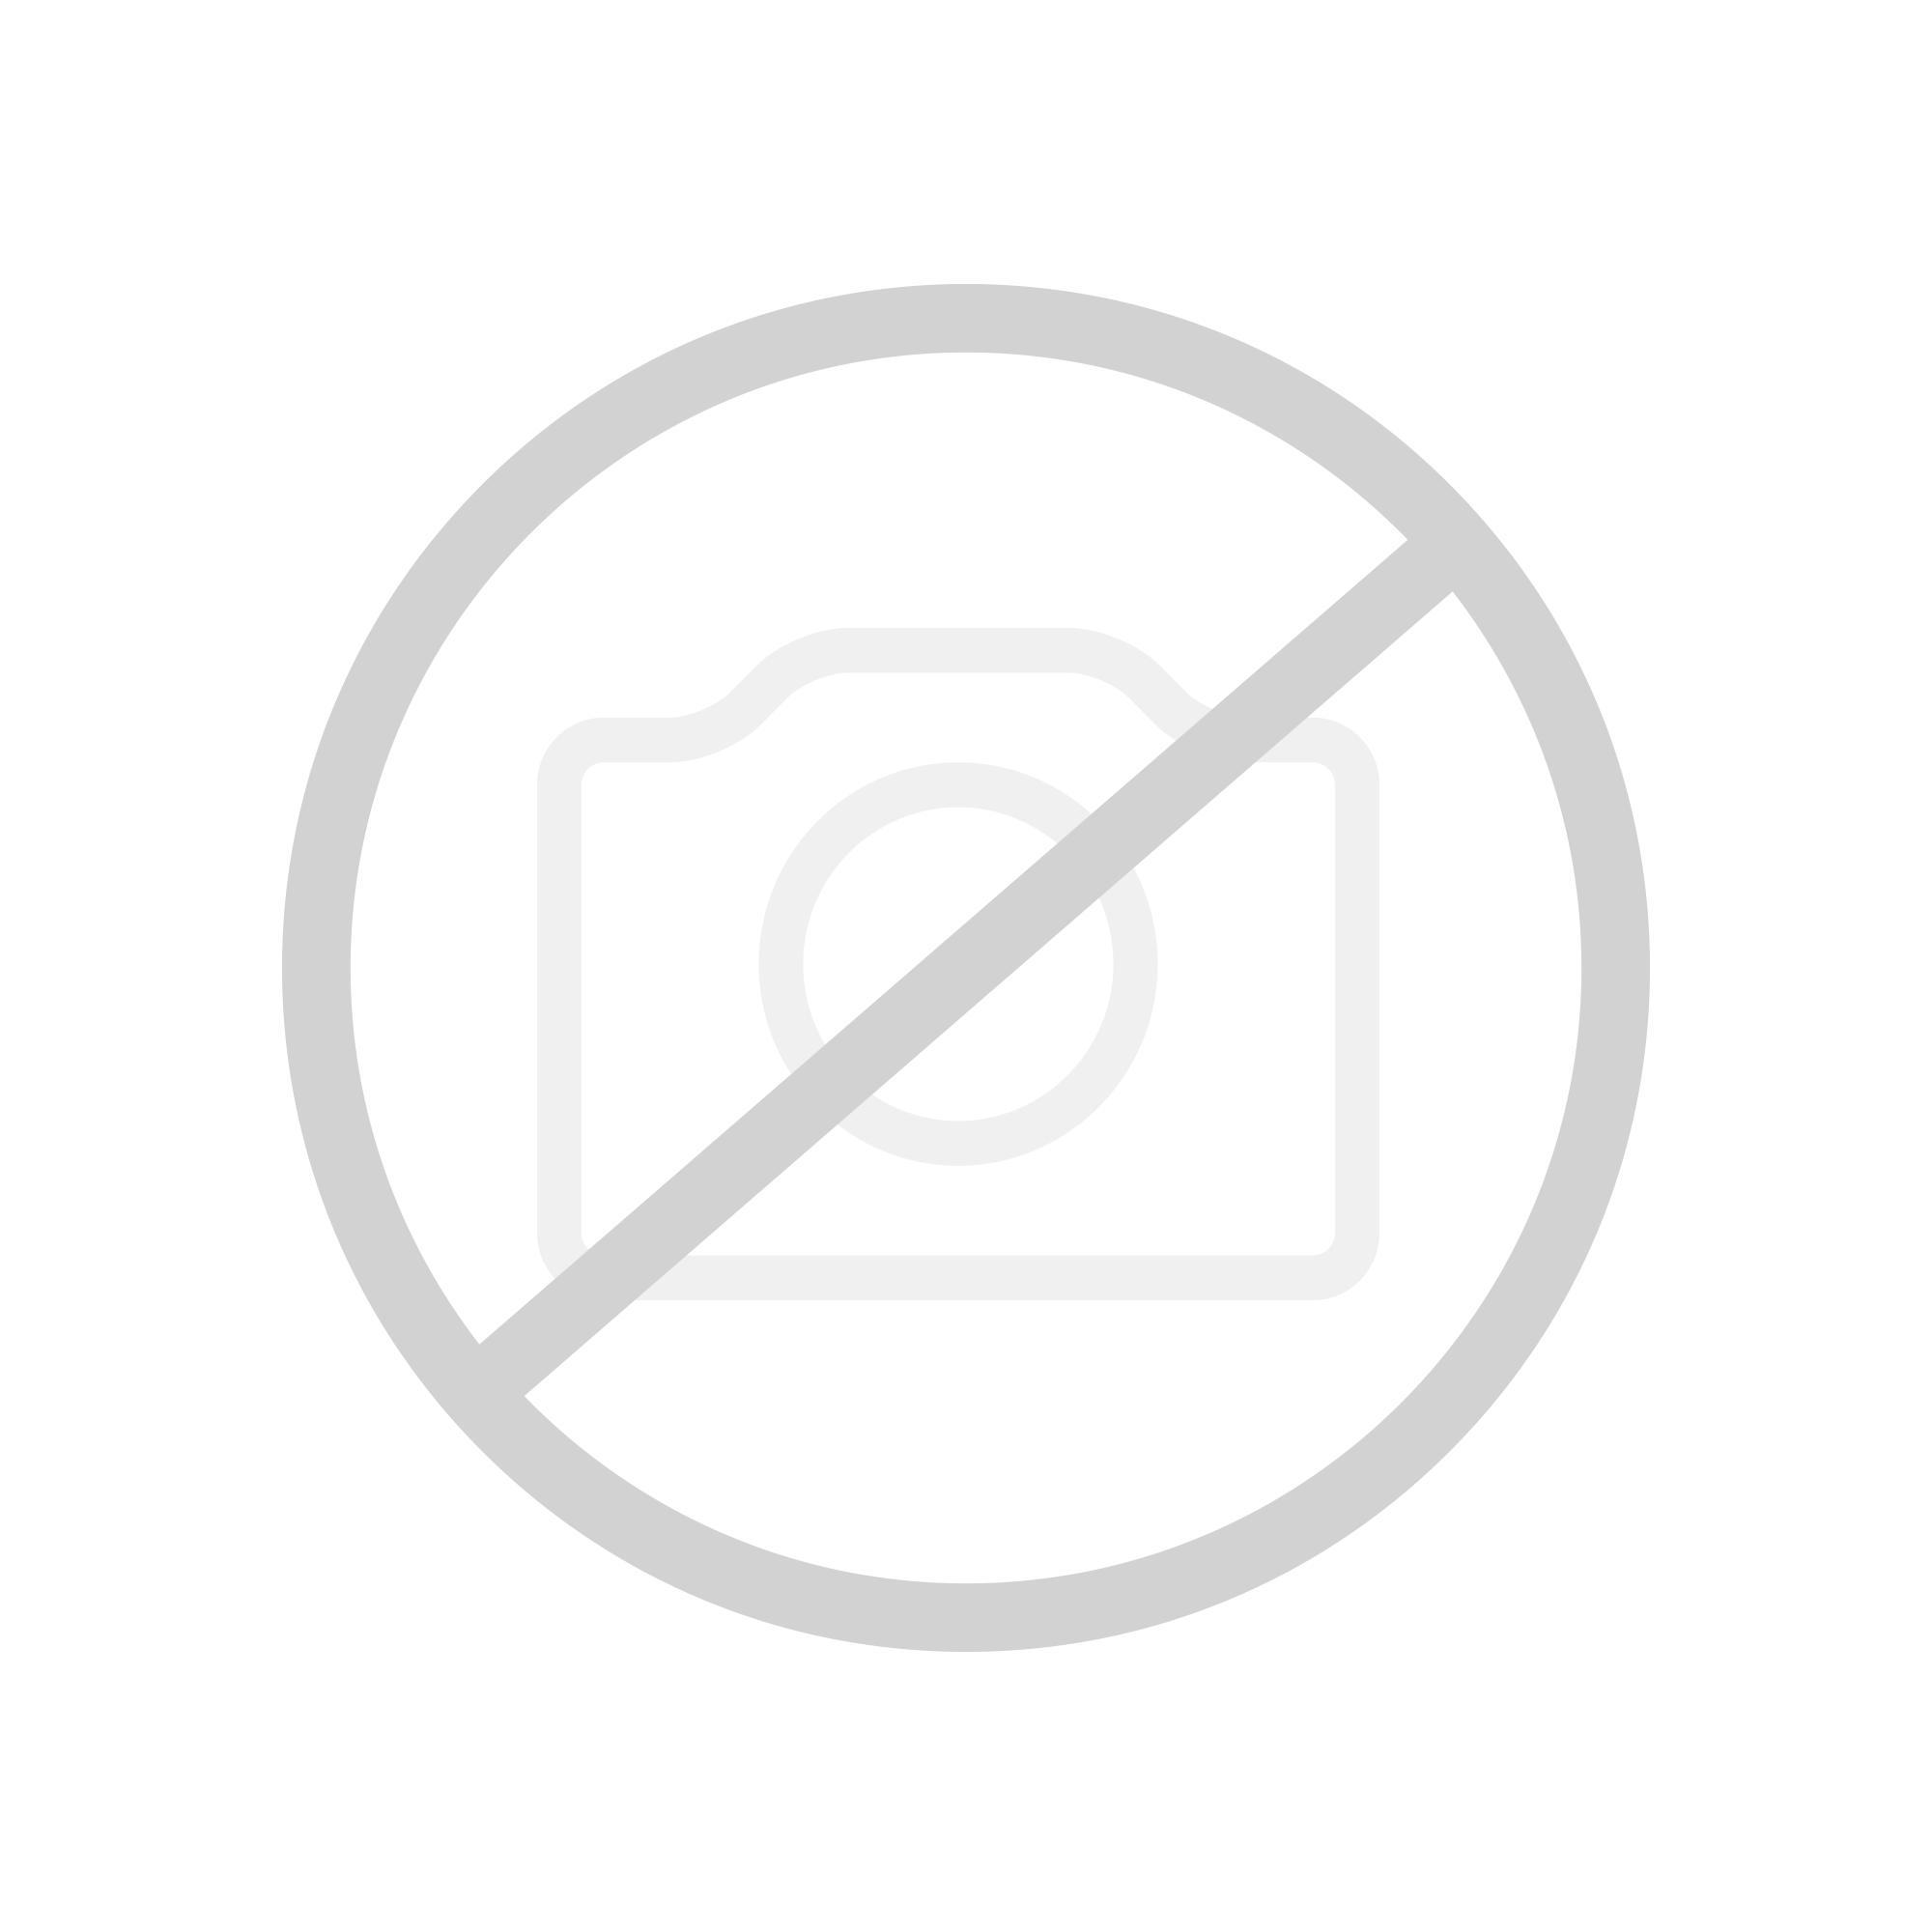 Hansgrohe & Axor Badarmaturen kaufen bei REUTER   {Grohe armaturen dusche 8}